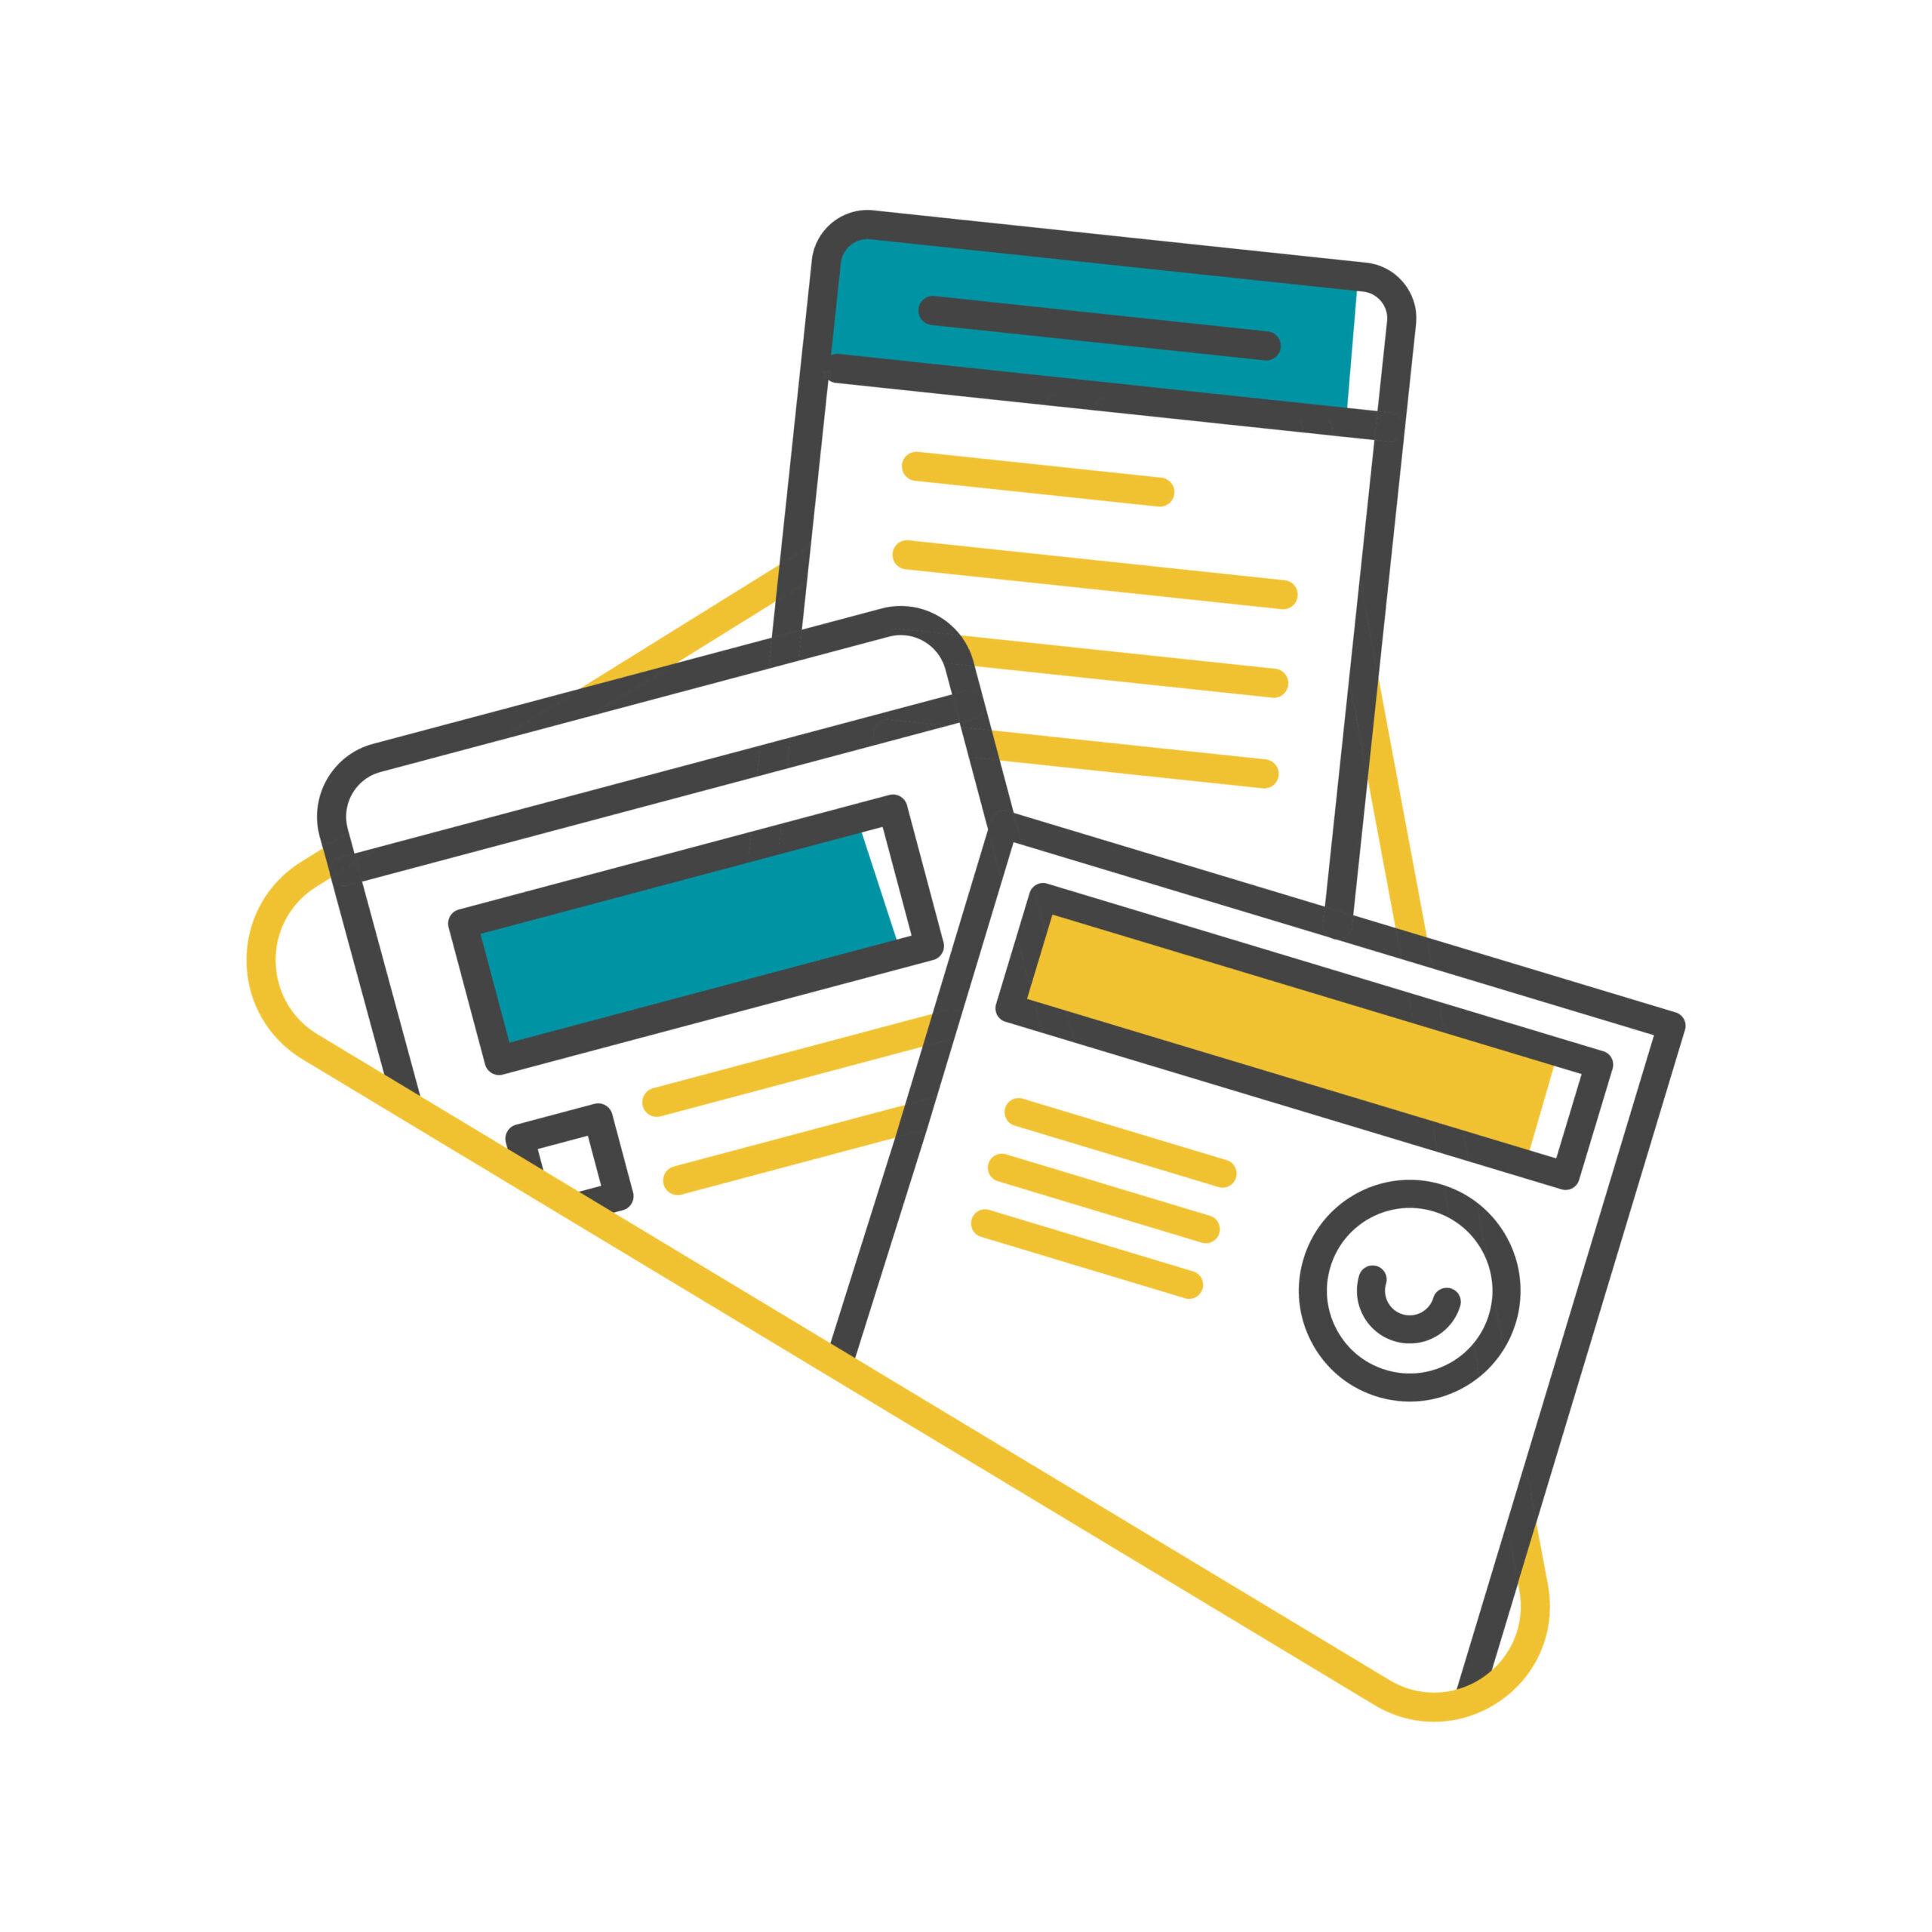 Finance blog content writing vs bylines illustration